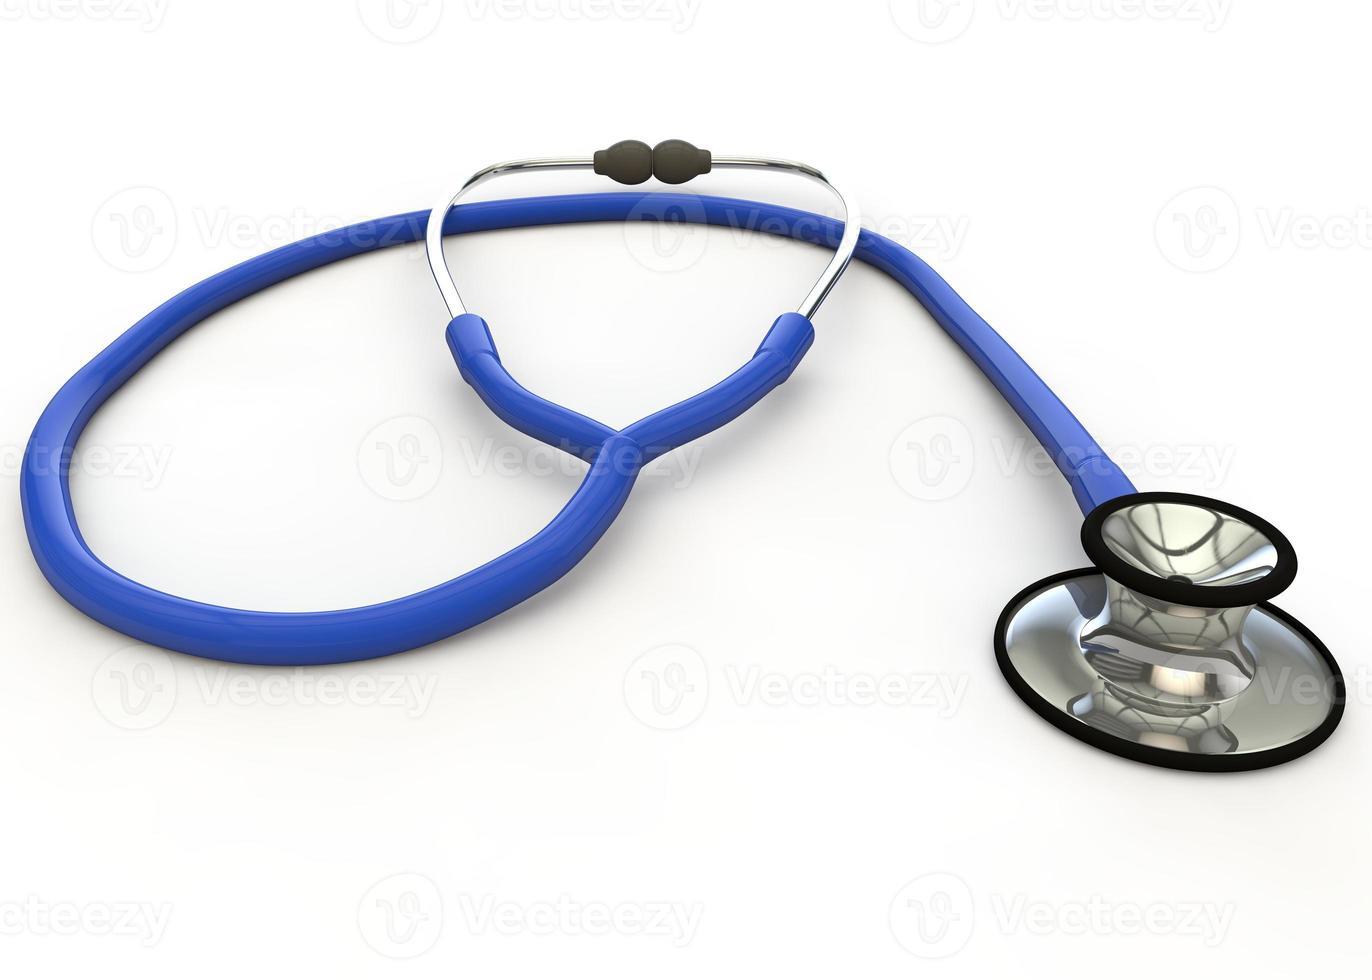 blauwe medische phonendoscope op de witte achtergrond foto